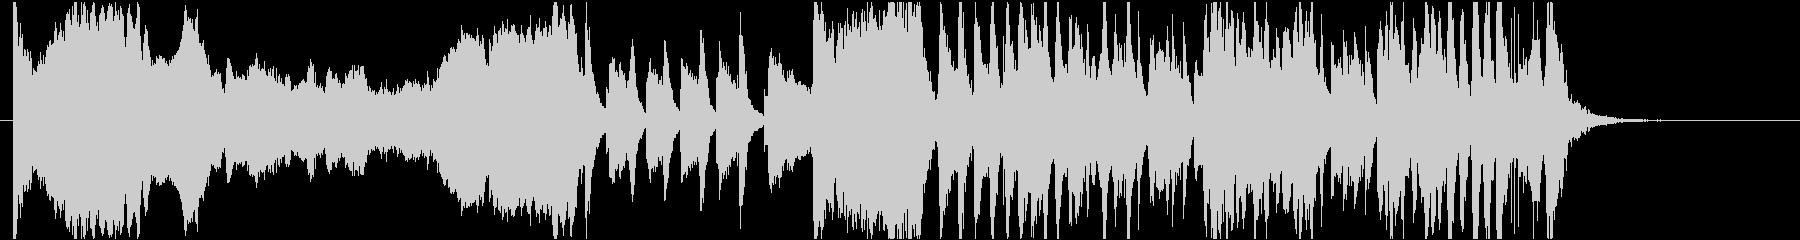 コミカルBGM ガガーンと落ち込む時の未再生の波形